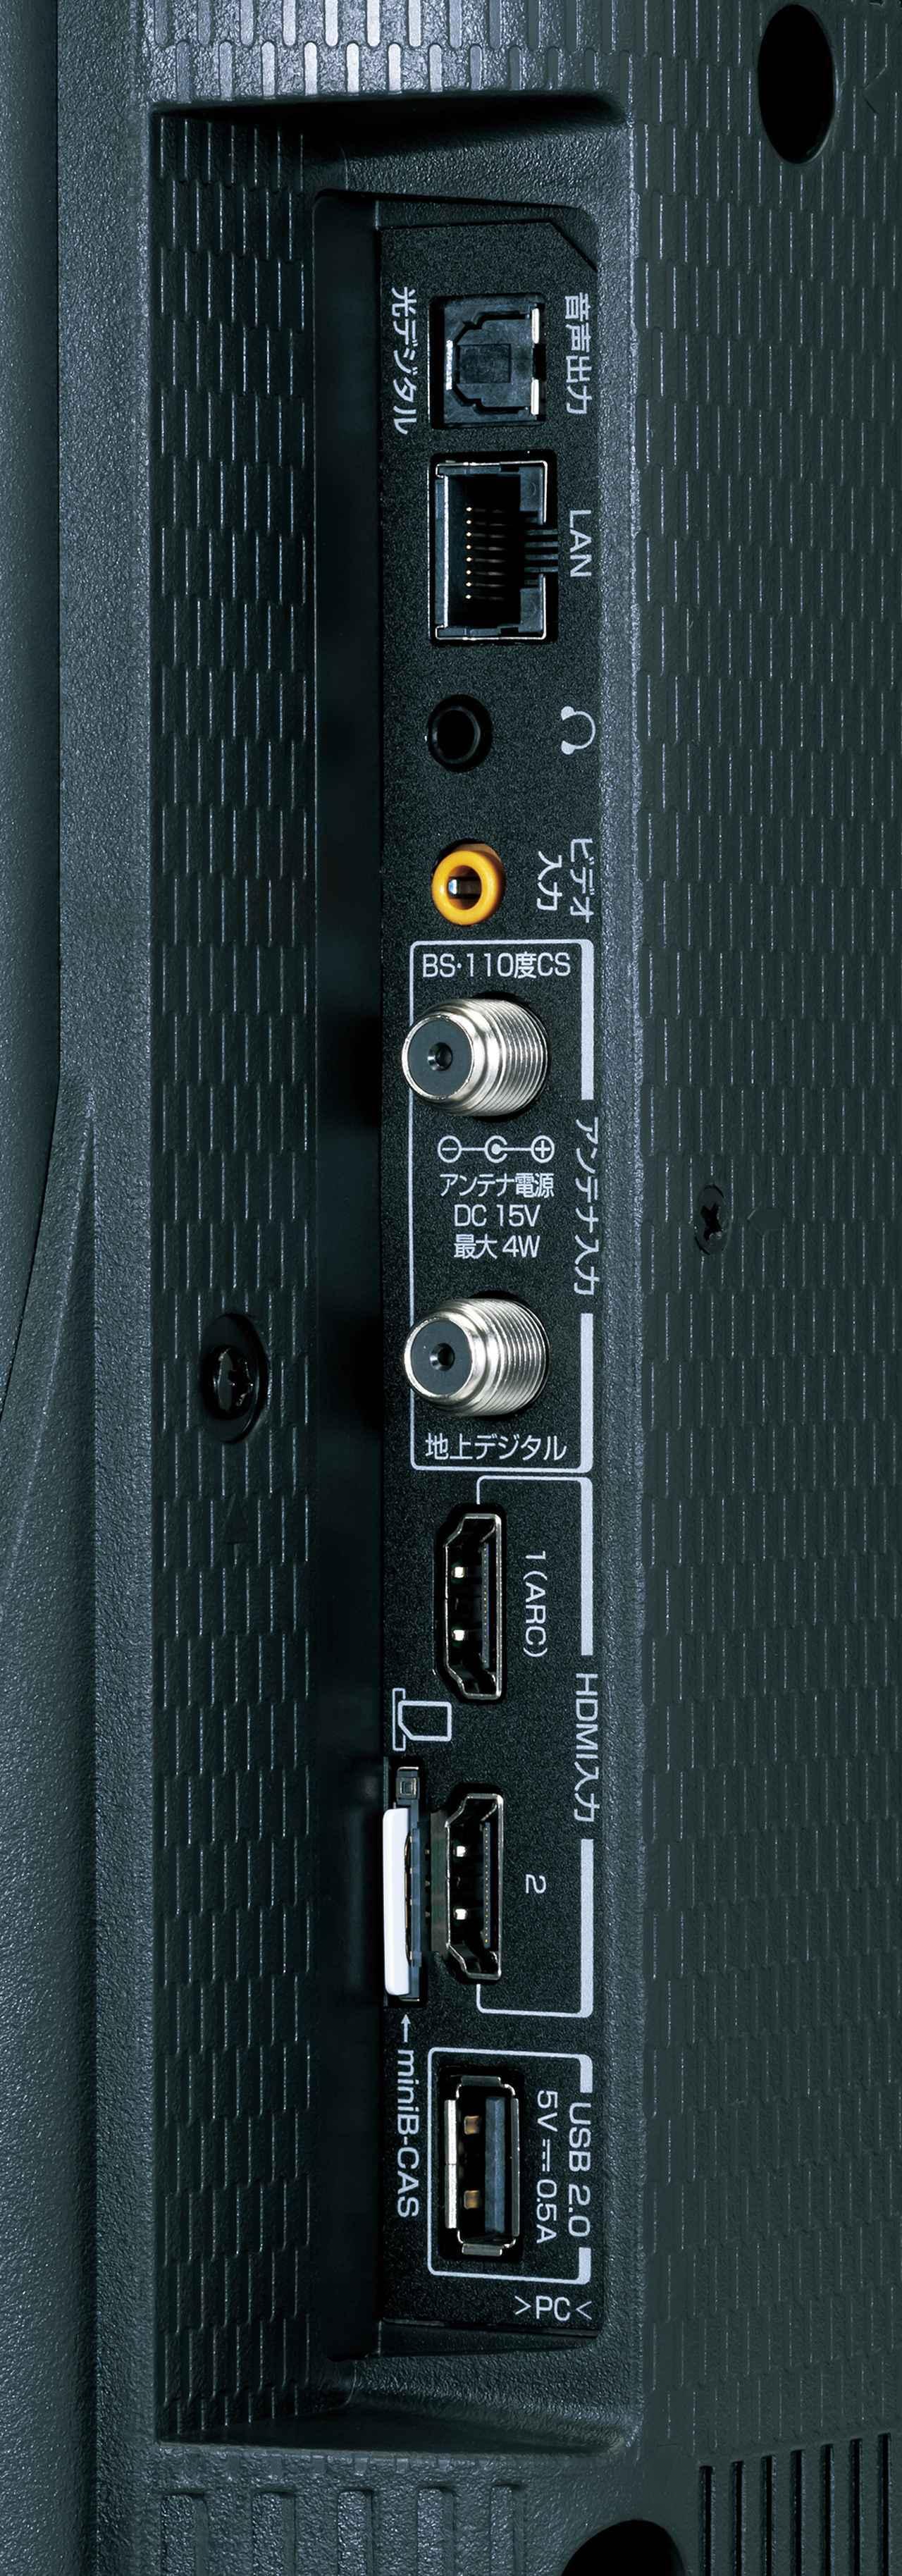 画像6: 緻密さの向上で魅力アップ! TCLの新型32インチ・フルHD液晶で、ネット動画&HDRを楽しむ【TCL 32S5200A】